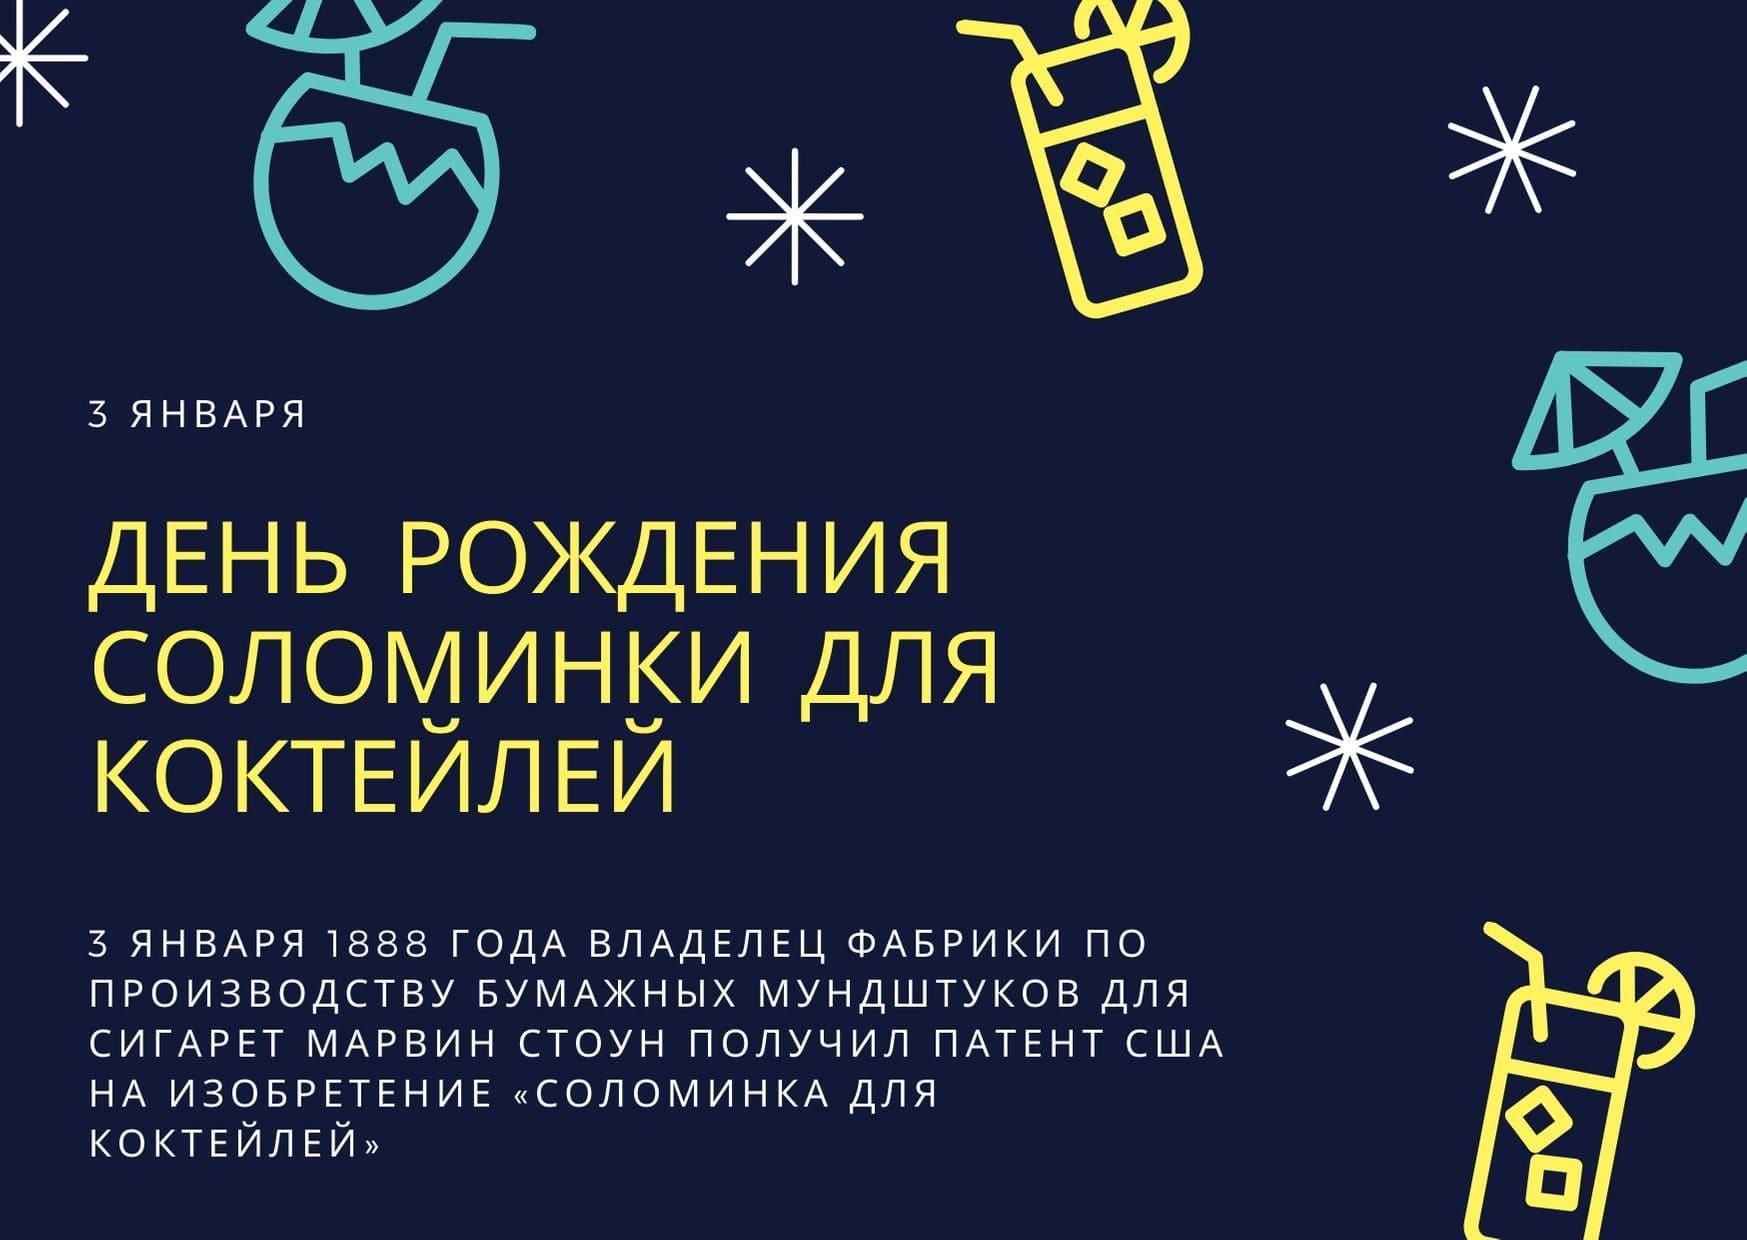 День рождения соломинки для коктейлей. 3 января